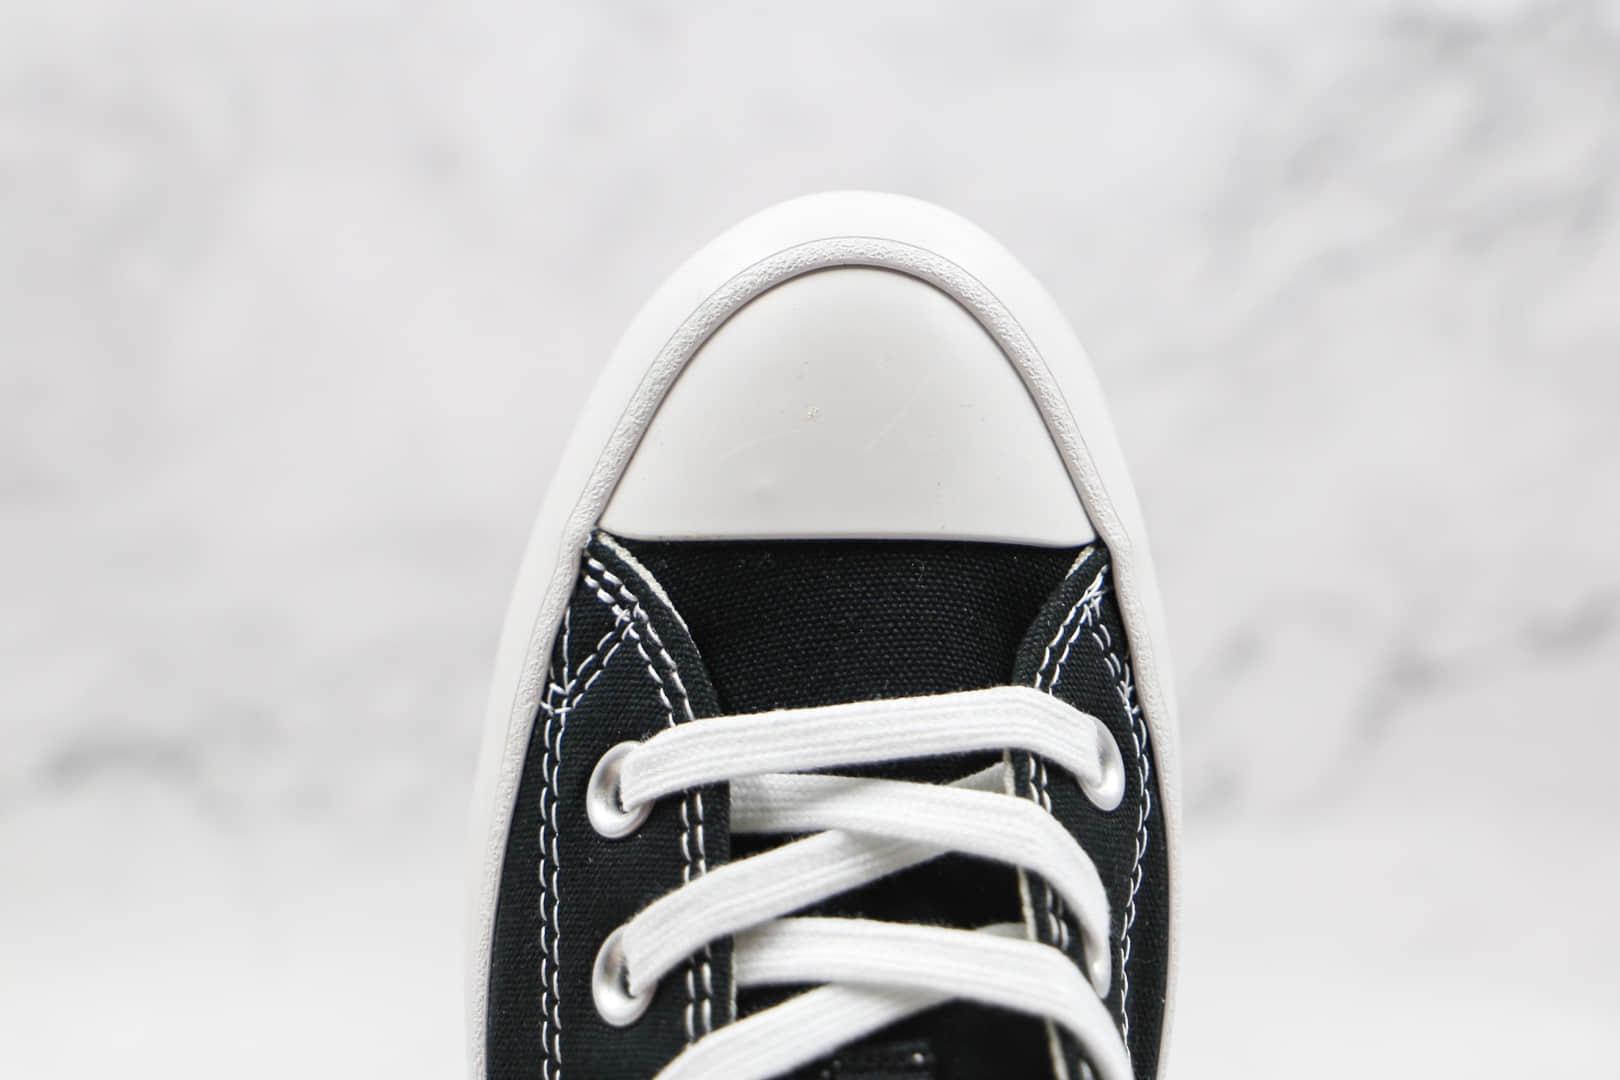 匡威Converse Chuck Taylor All Star Lugged move ox公司级版本厚底黑白色增高鞋原楦头纸板打造